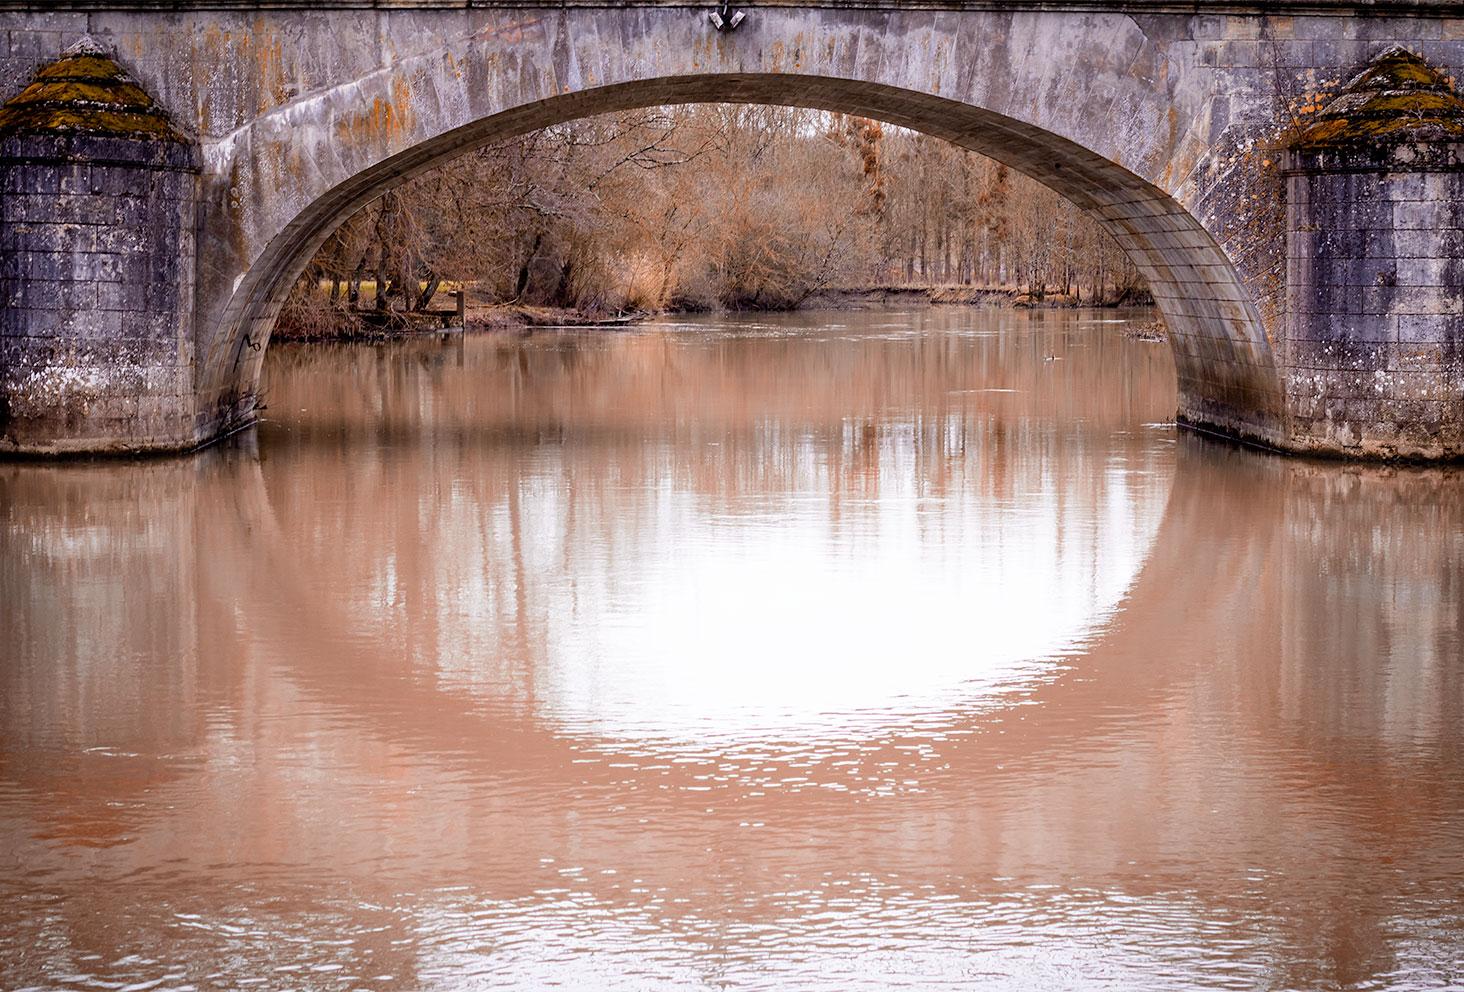 Photo paysage d'un pont en pierre au-dessus du Cher aux couleurs de l'automne-hiver